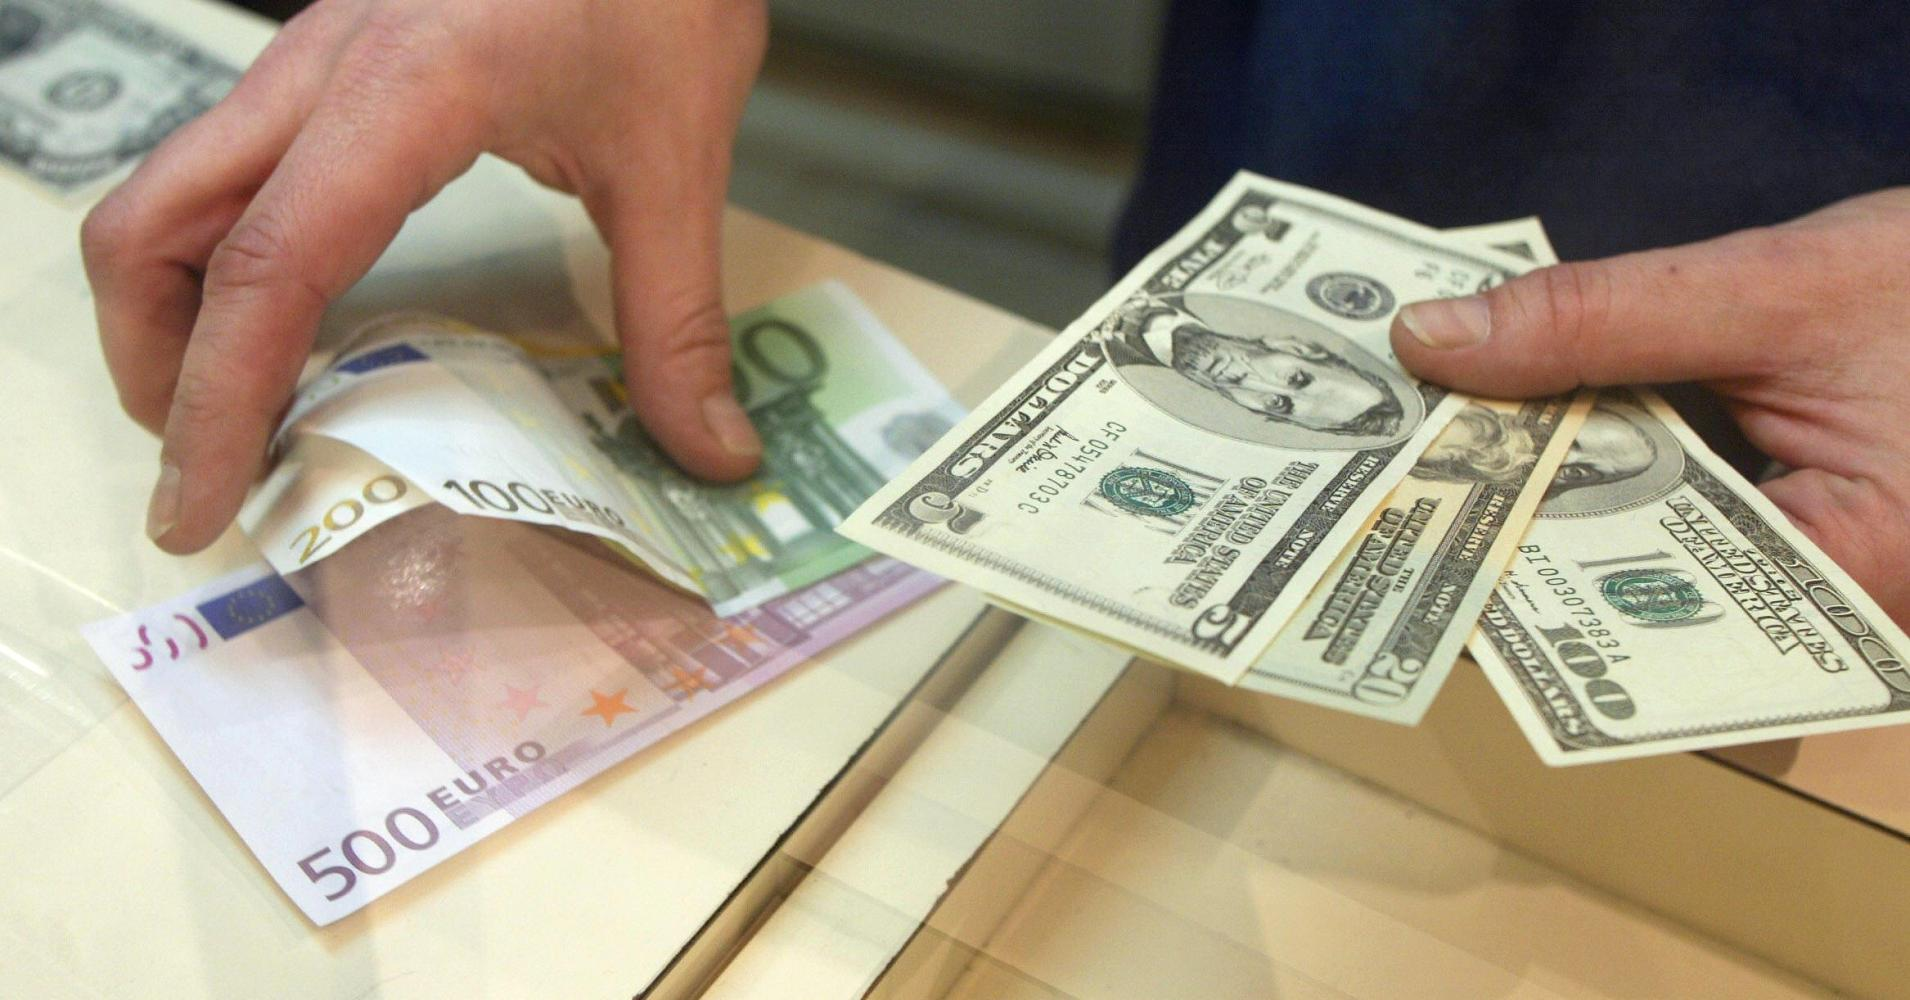 کاهش نرخ رسمی یورو و پوند/ قیمت دلار ۱۱۲۰۰ تومان ثابت ماند